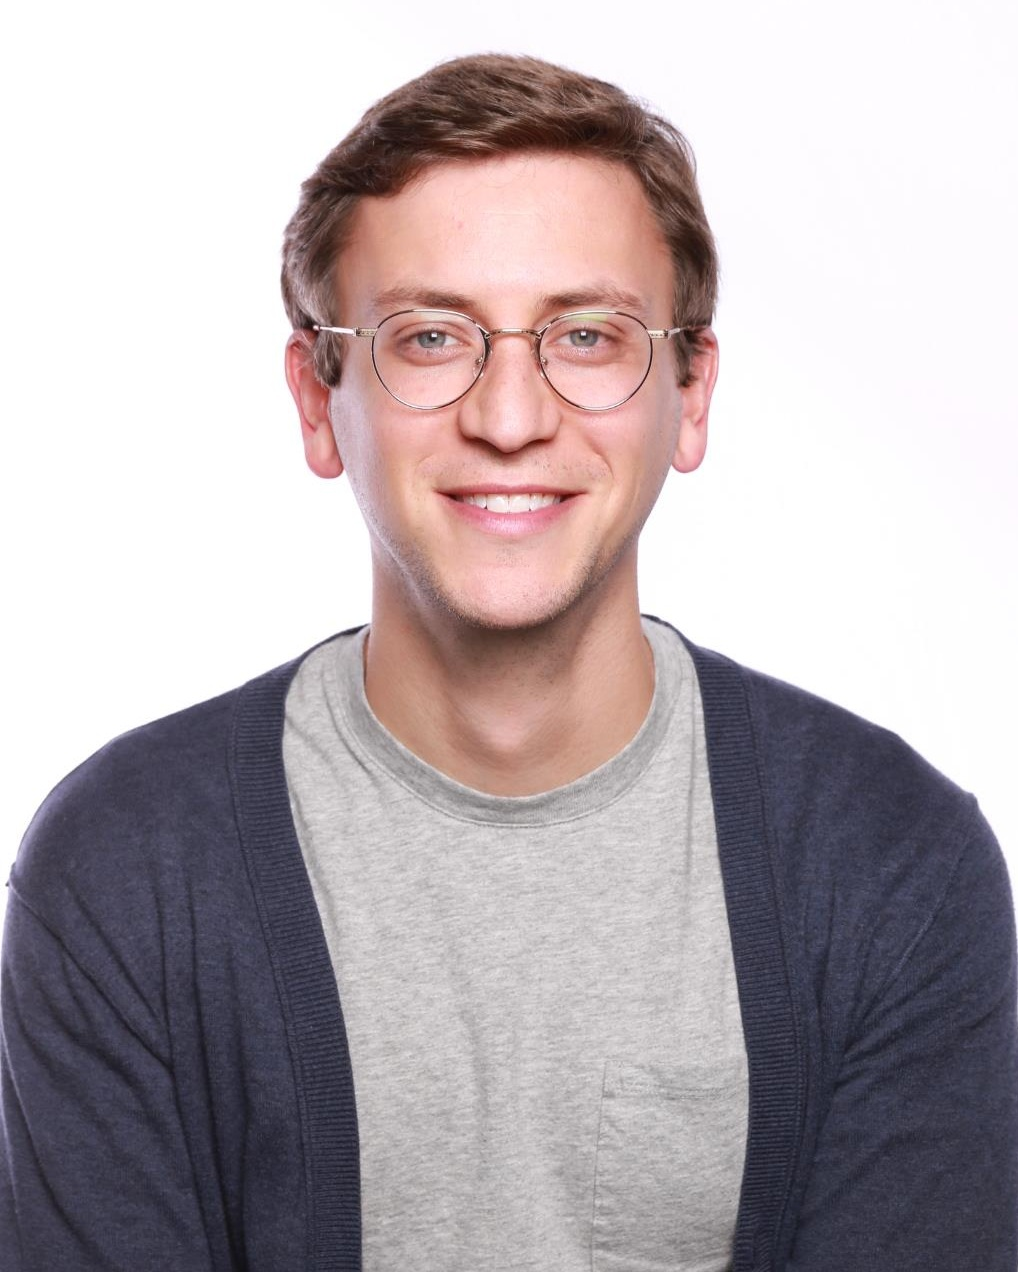 Ryan Freeman